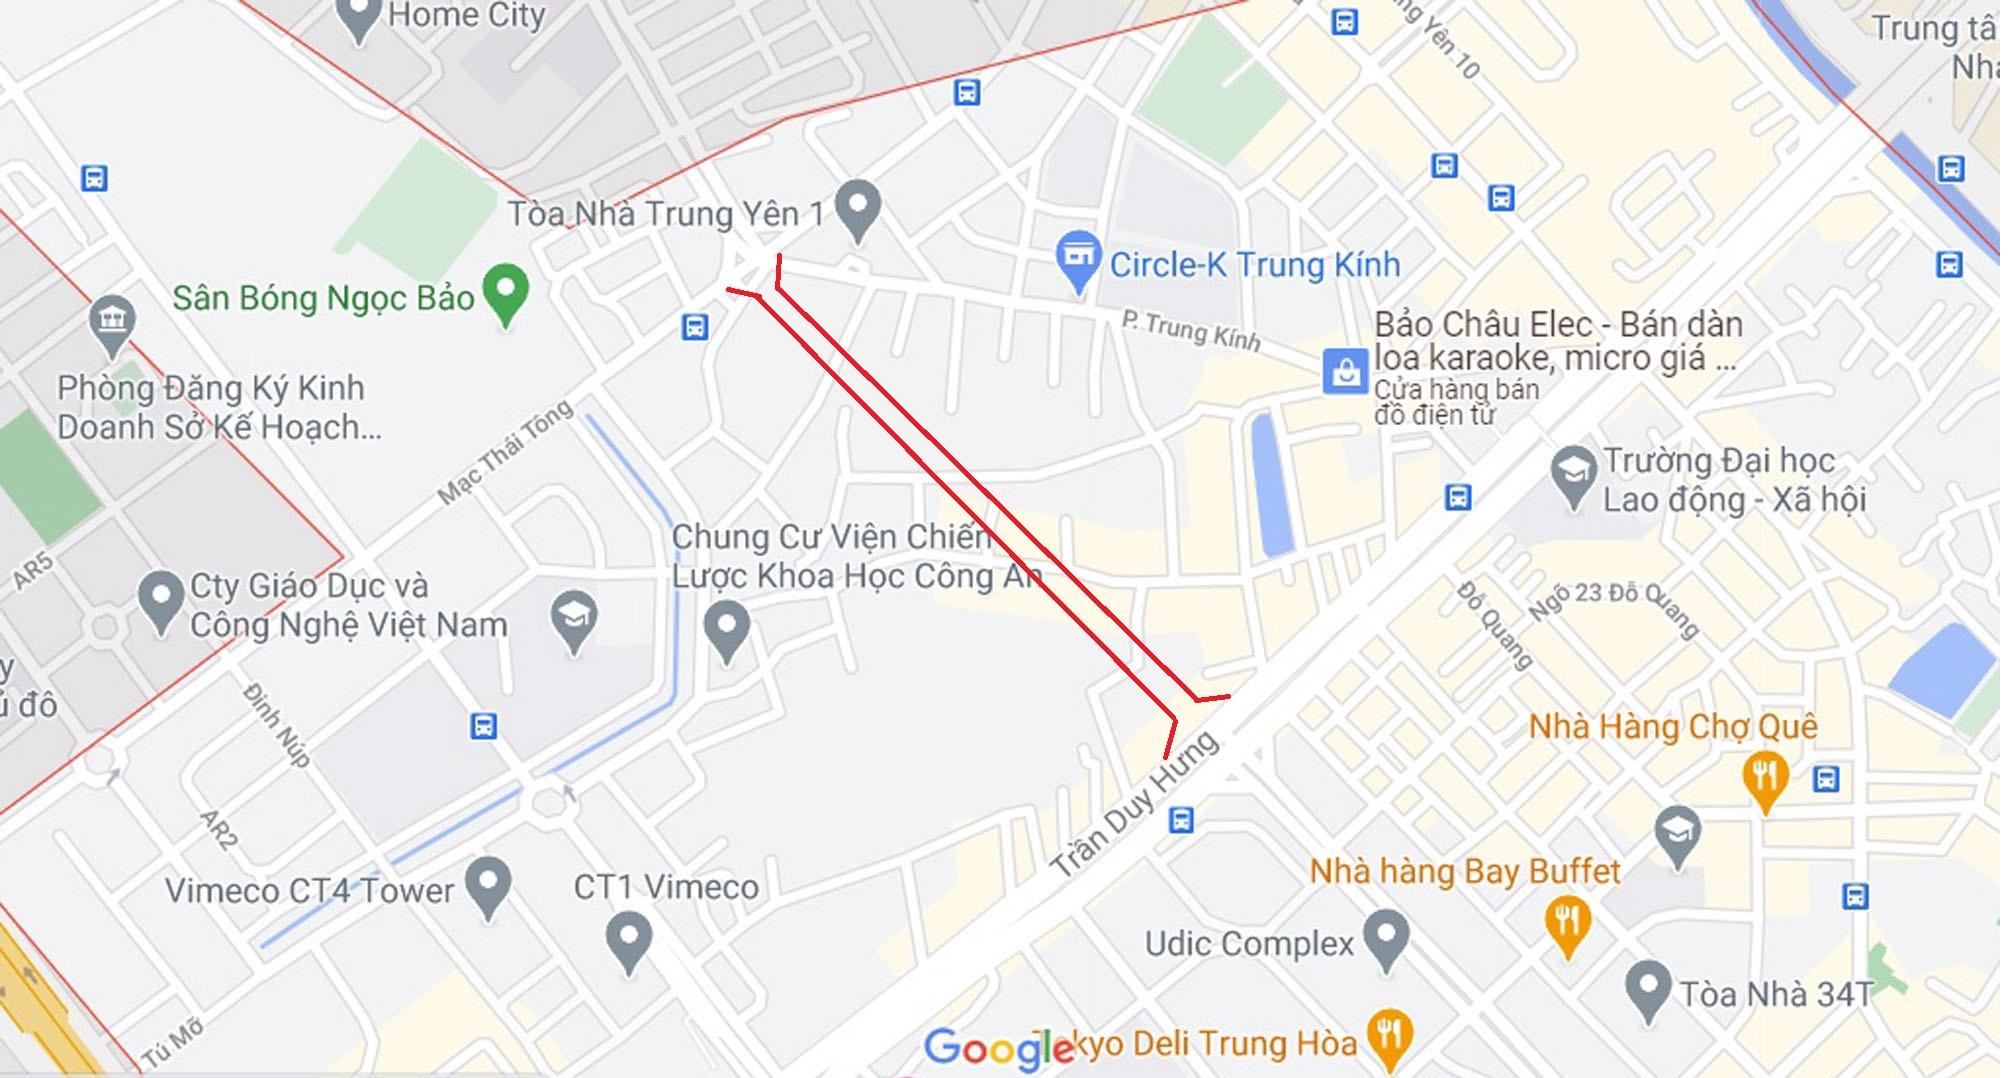 đường sẽ mở theo qui hoạch ở phường Trung Hòa, Cầu Giấy, Hà Nội - Ảnh 2.